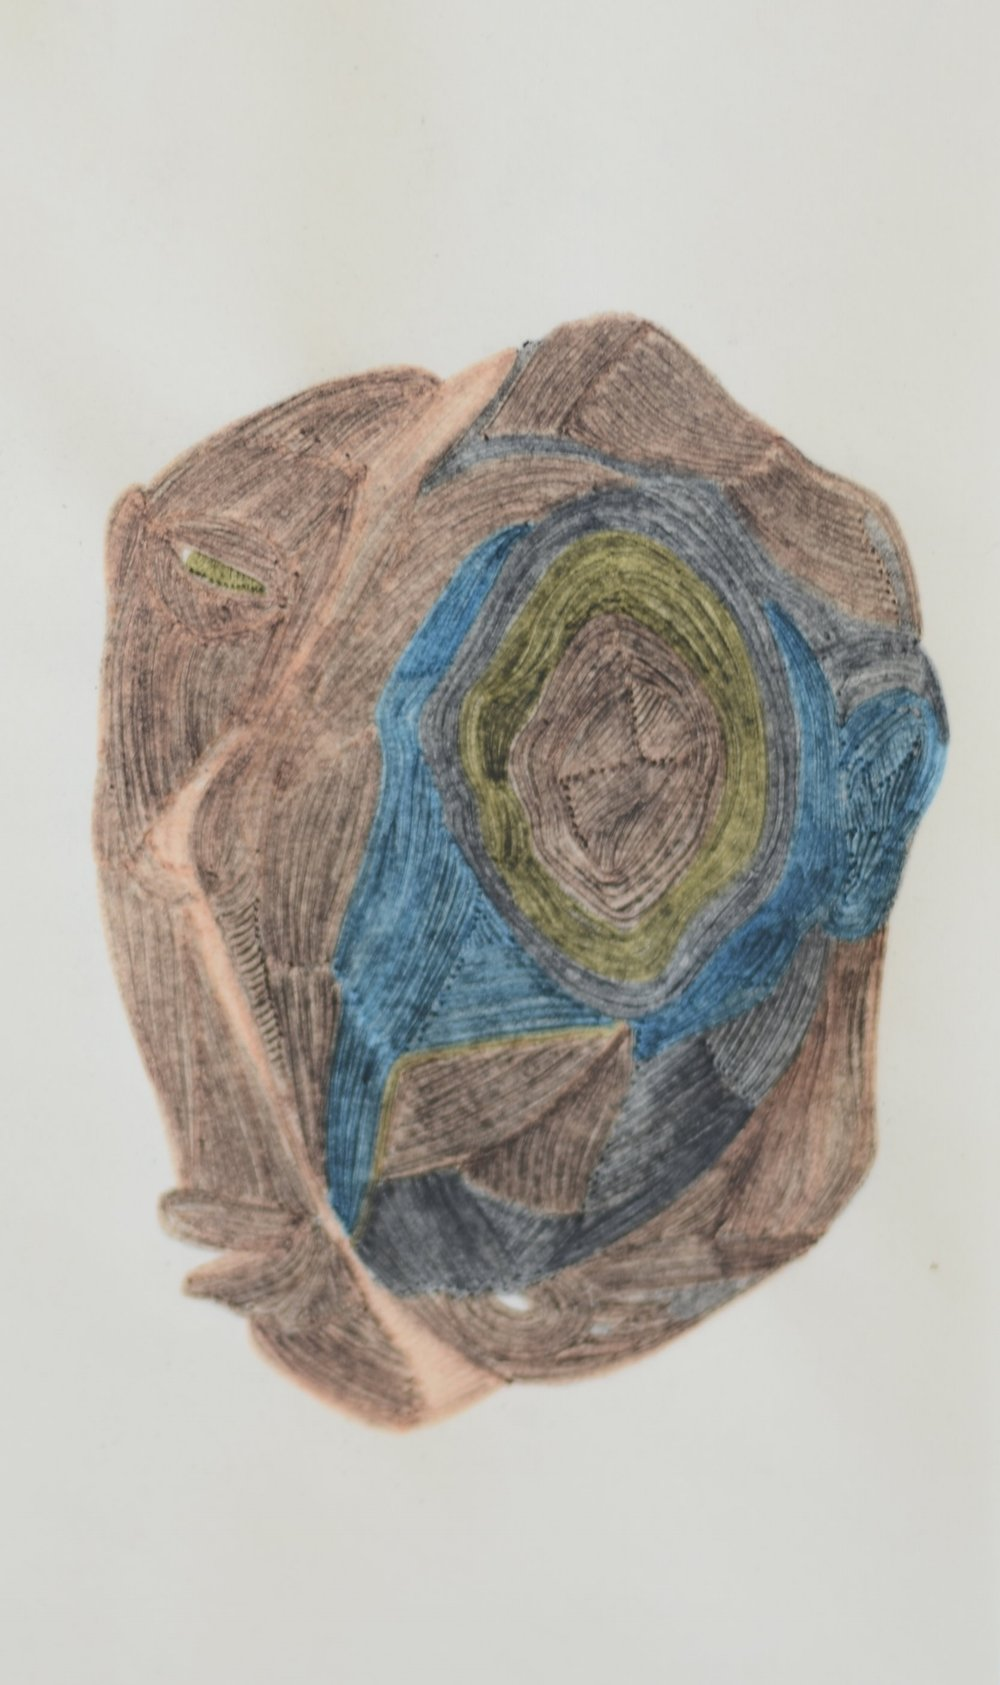 Head, dessin au fusain et feutres, 2013